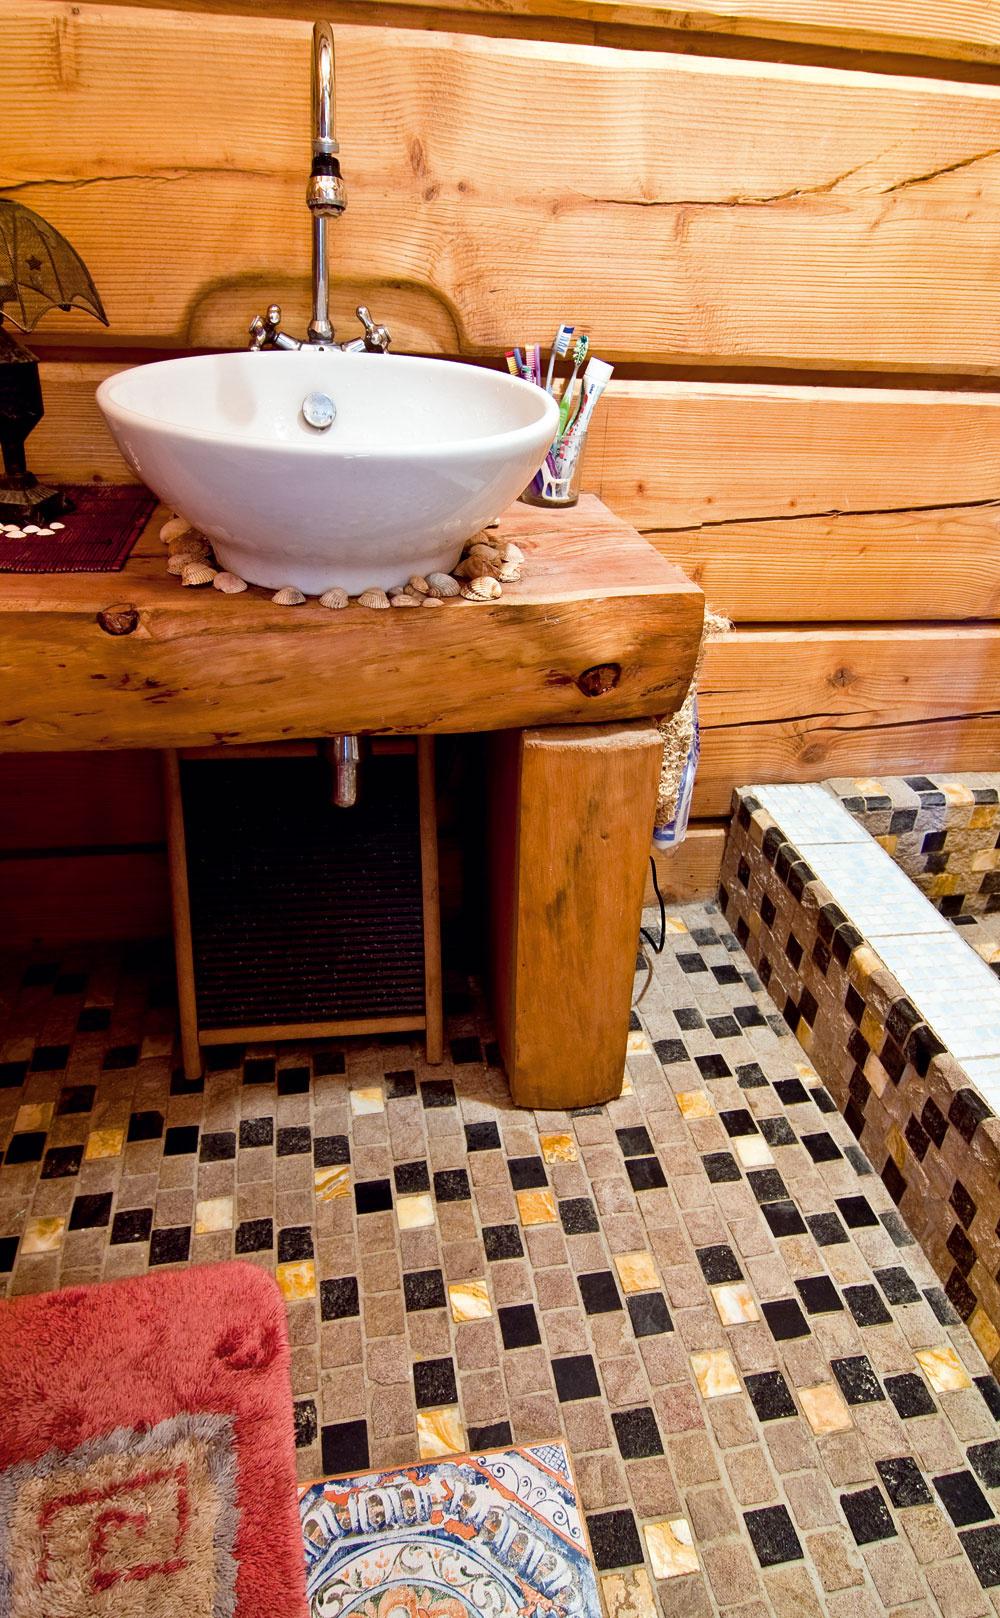 Masív šitý na mieru umývadlu, ktorému sa zachcelo živého materiálu. Drevené telo s keramickou hlavou vytvára protiklad, ktorý ľudí odnepamäti priťahuje. Matný a mäkký povrch dreva podtrhuje lesk a chladnú krásu keramiky. (foto: Daniel Veselský)